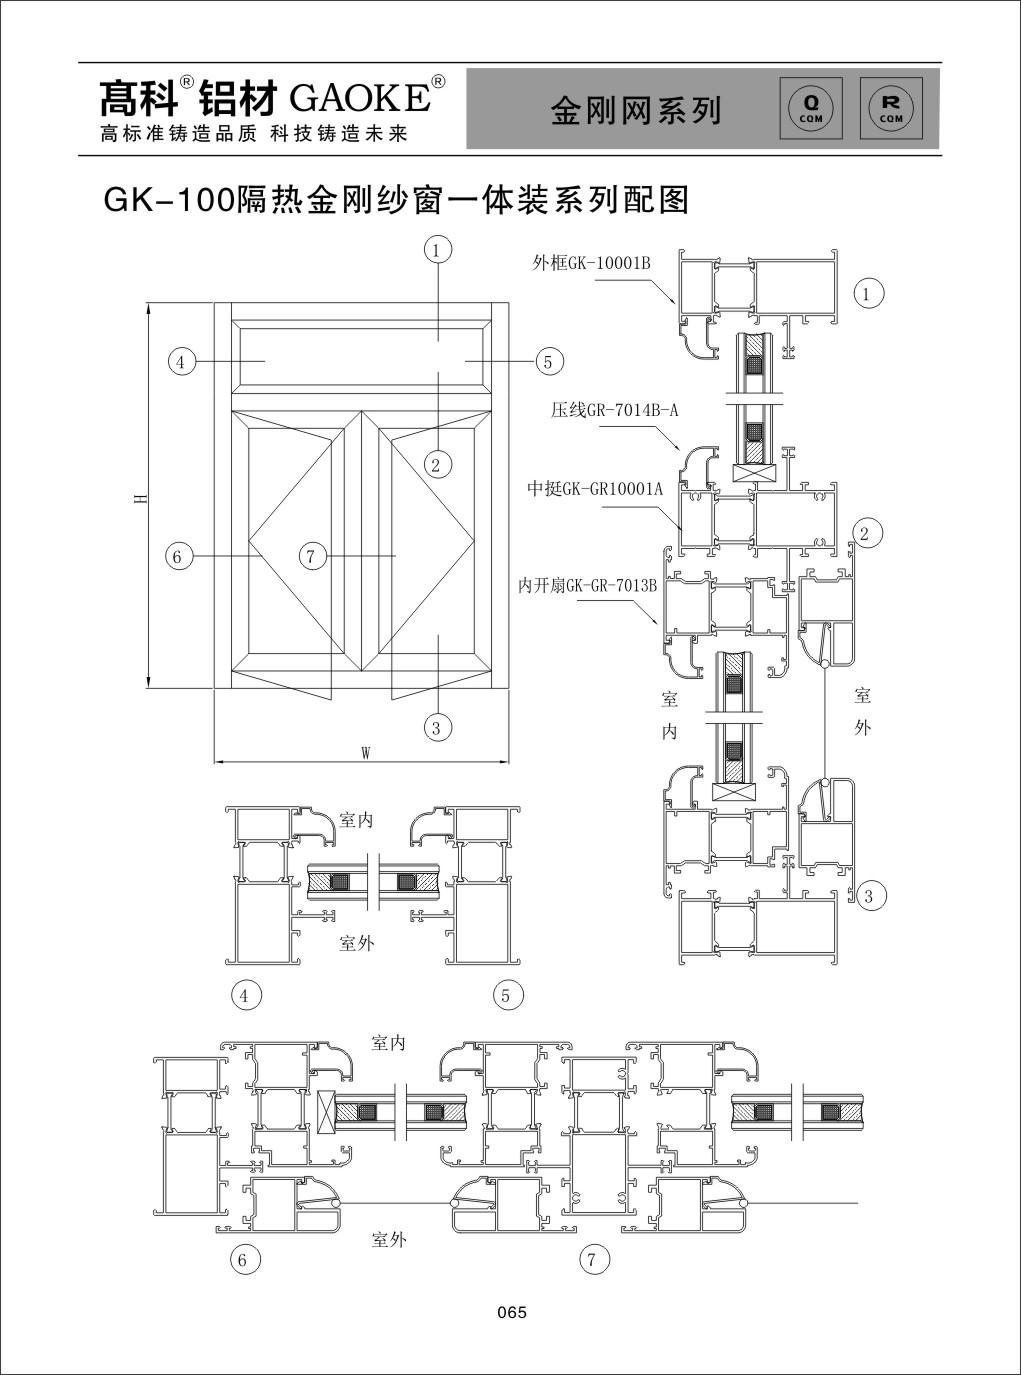 彩铝GK-100金刚网系列